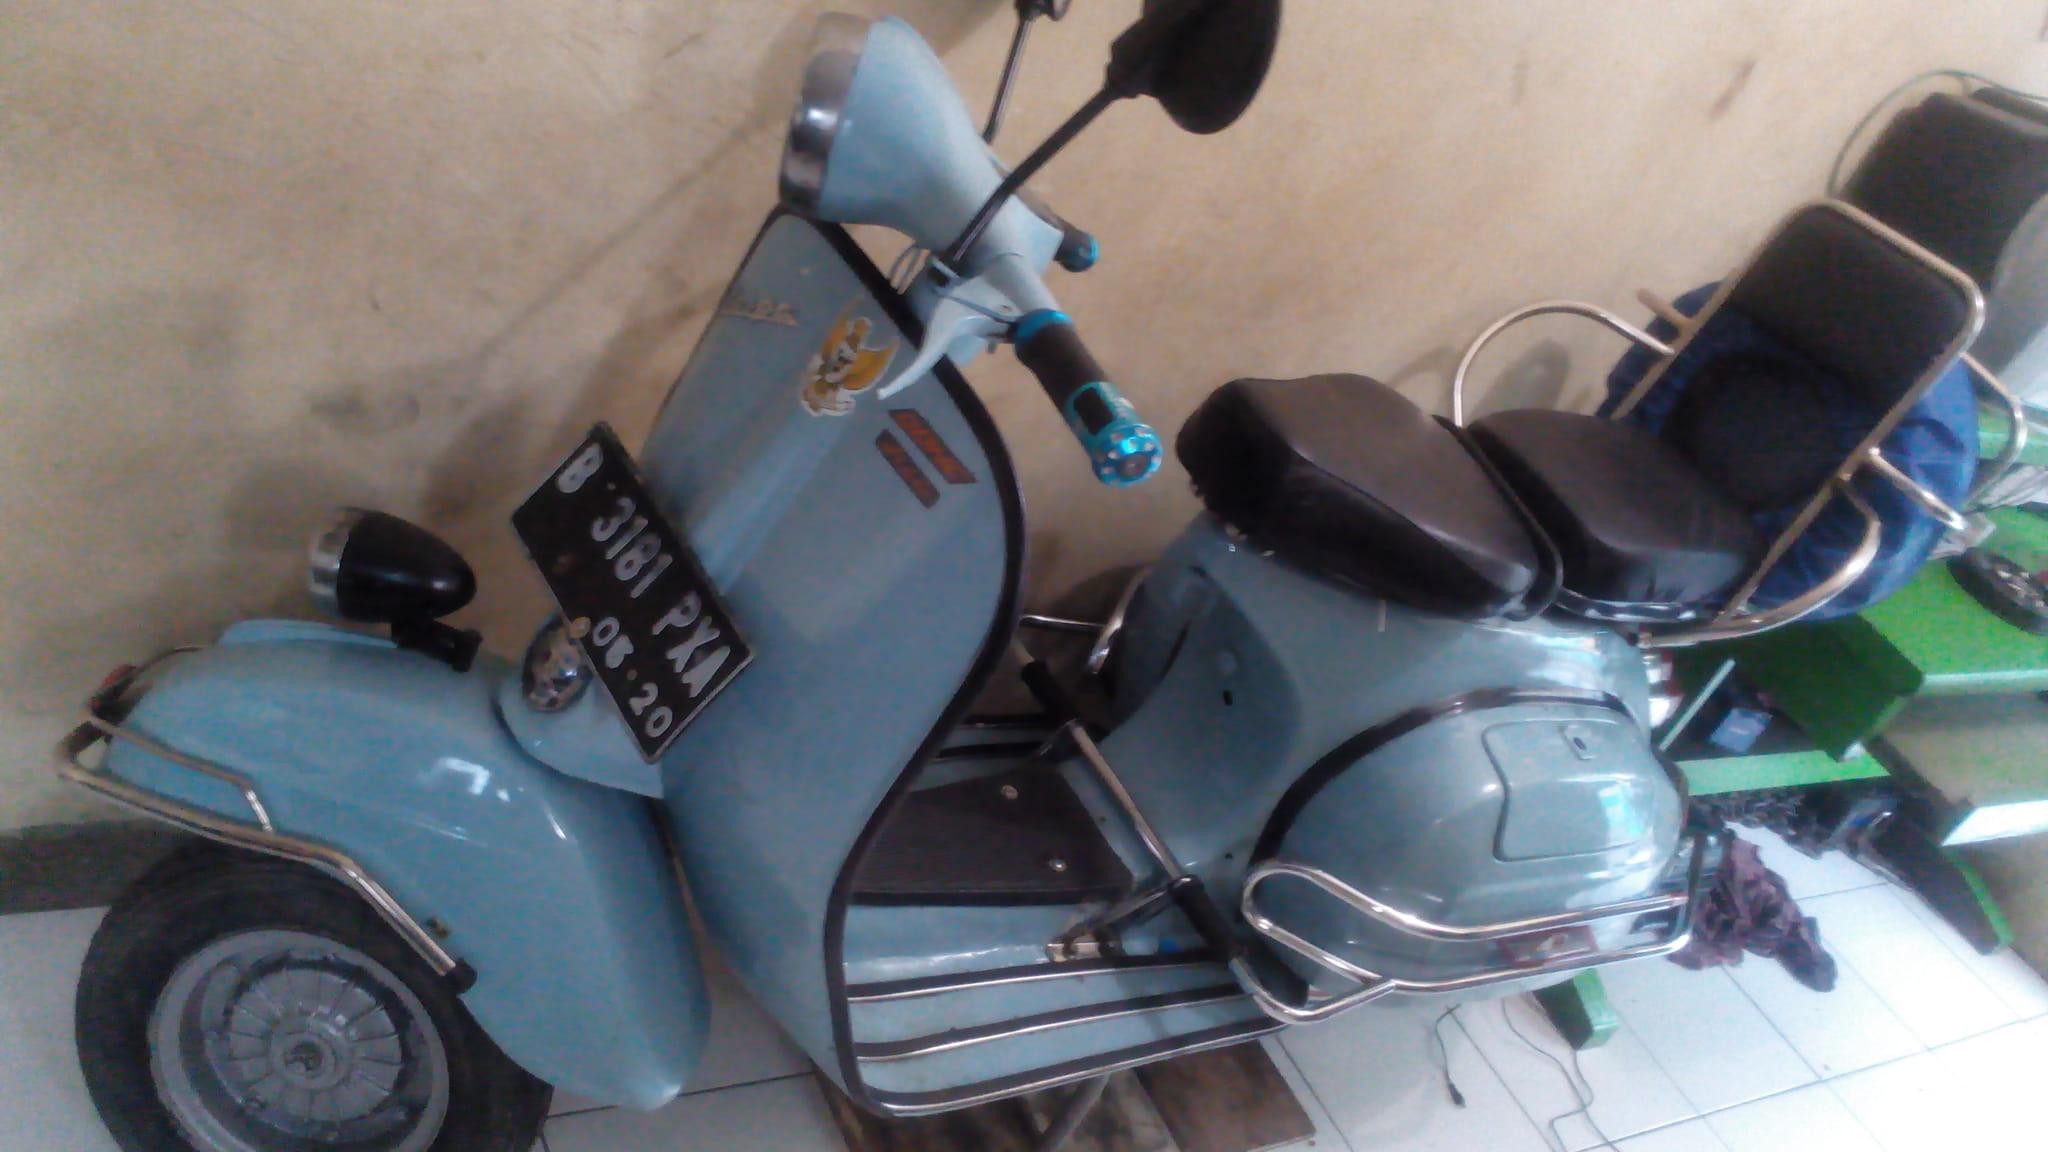 Jual Motor Vespa Super 75 Antik Murah Max Jaya Tokopedia